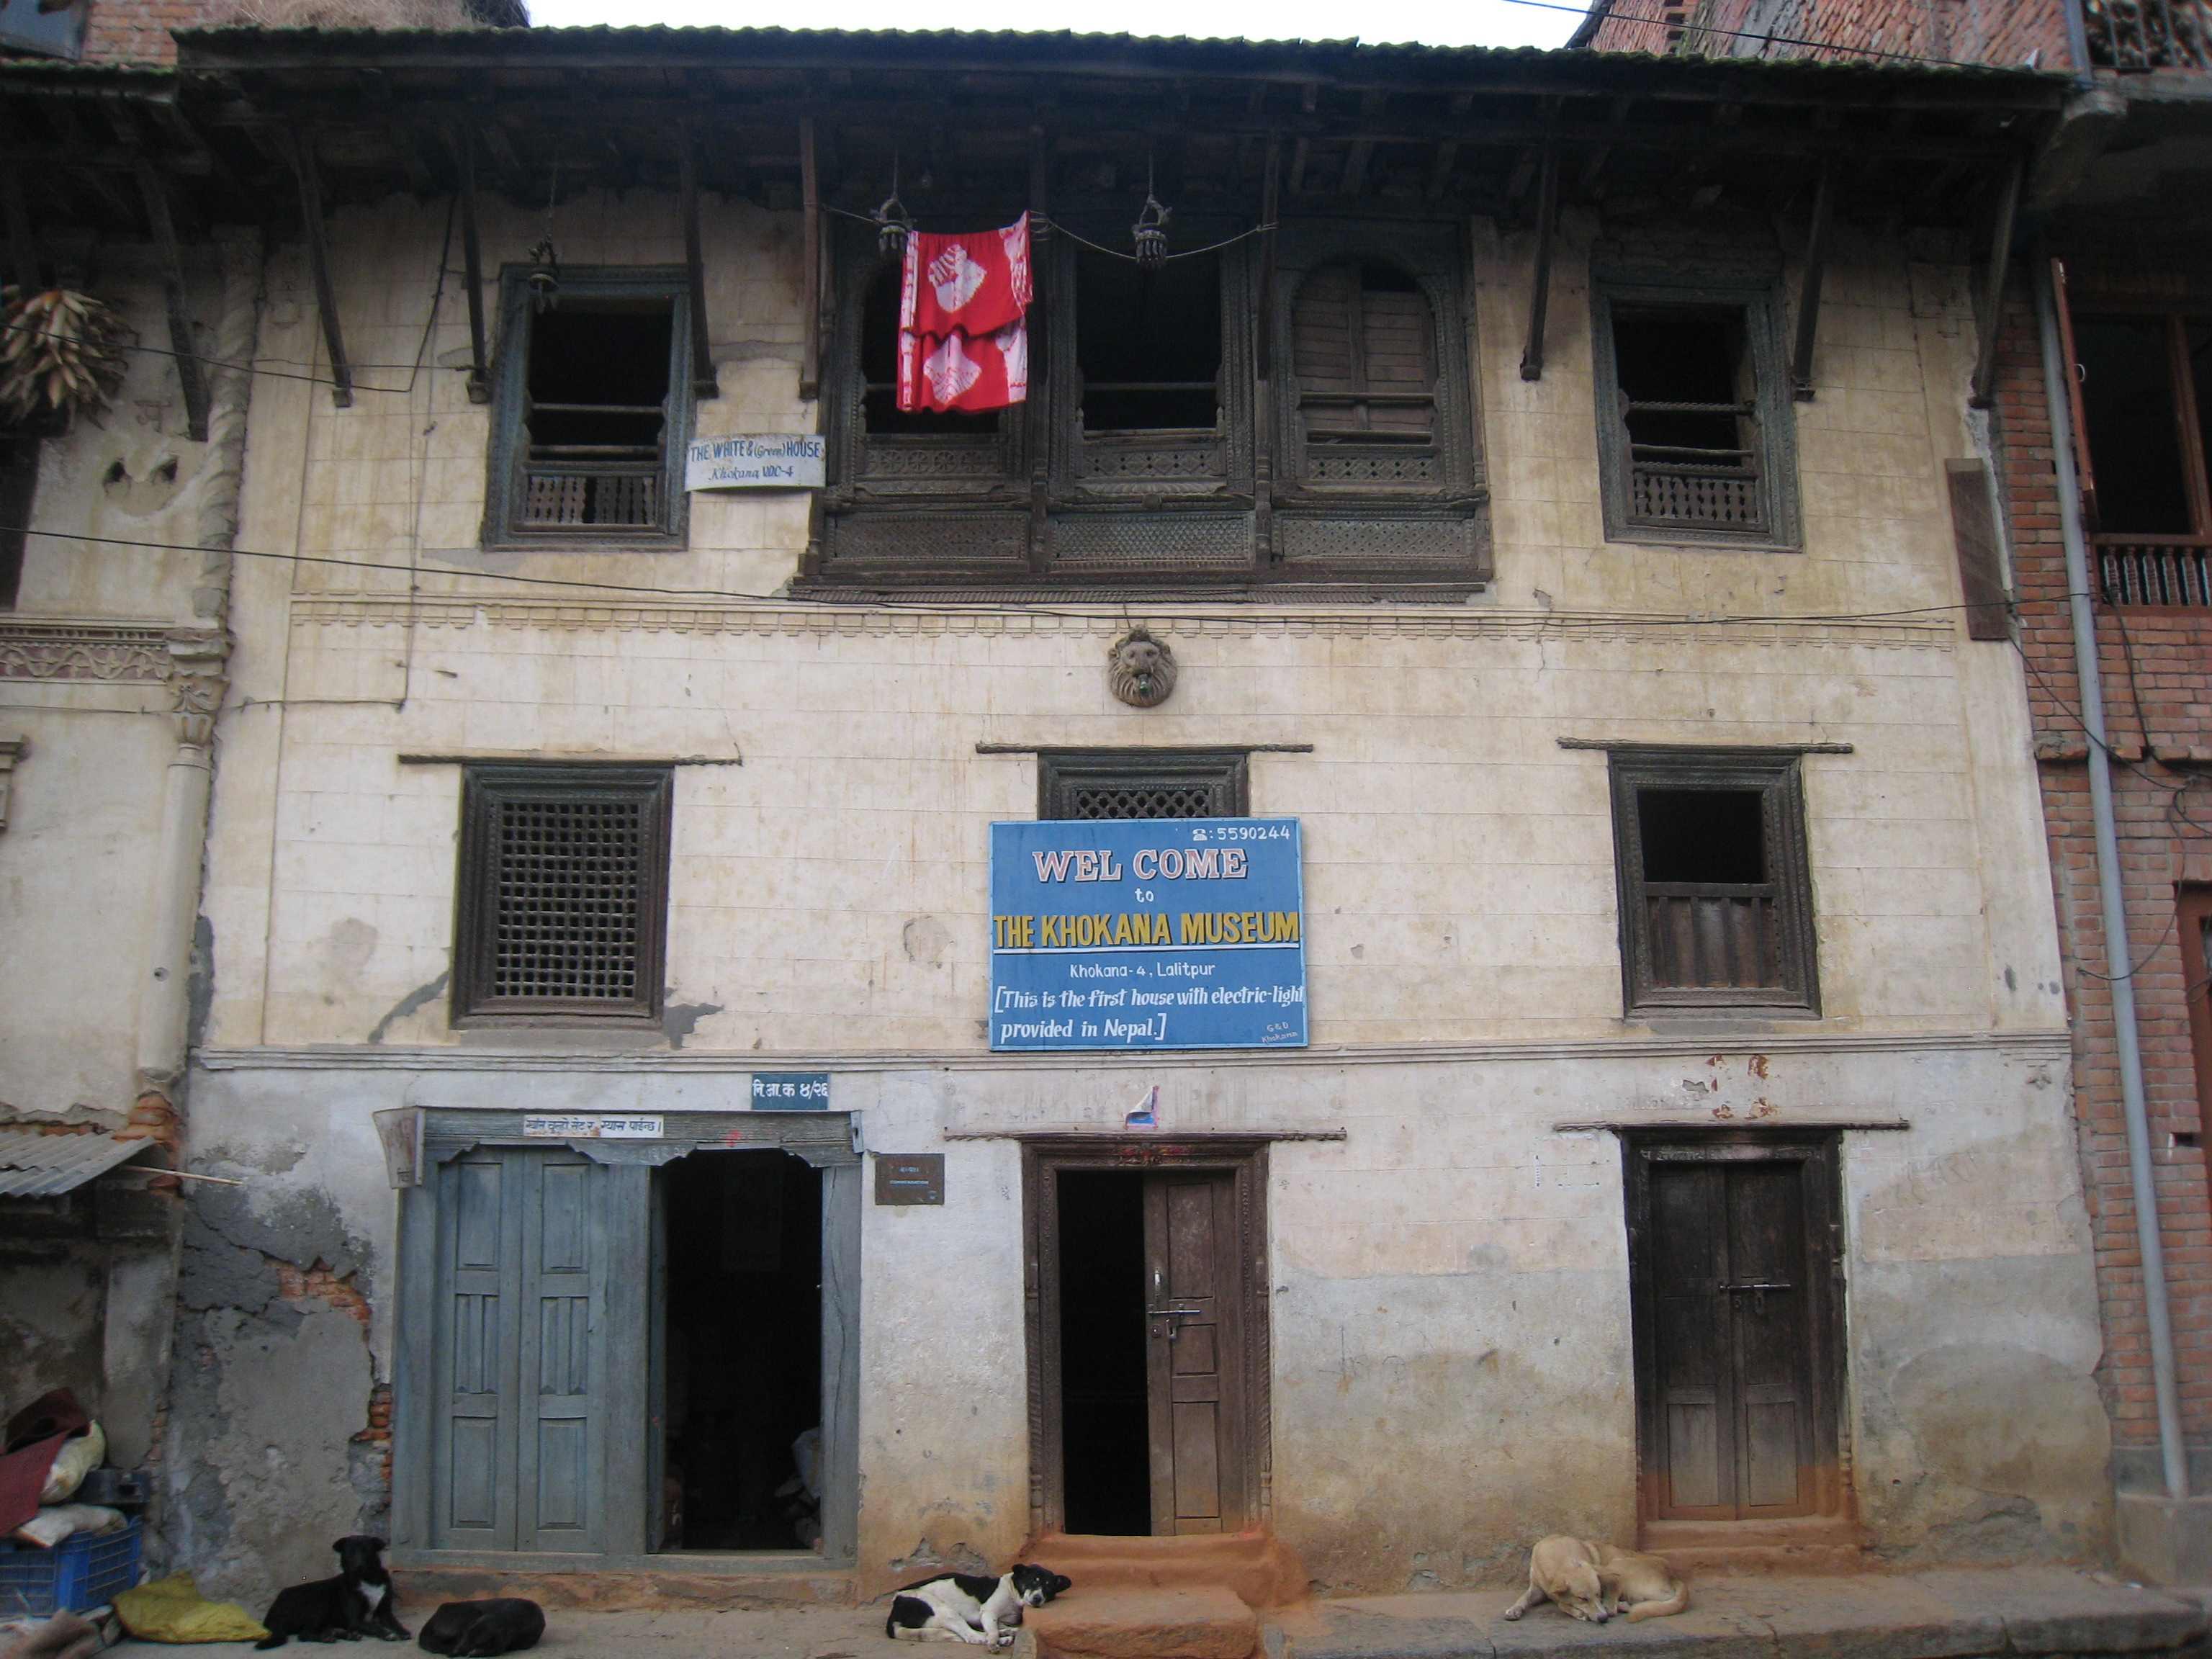 Khokana Museum Exterior